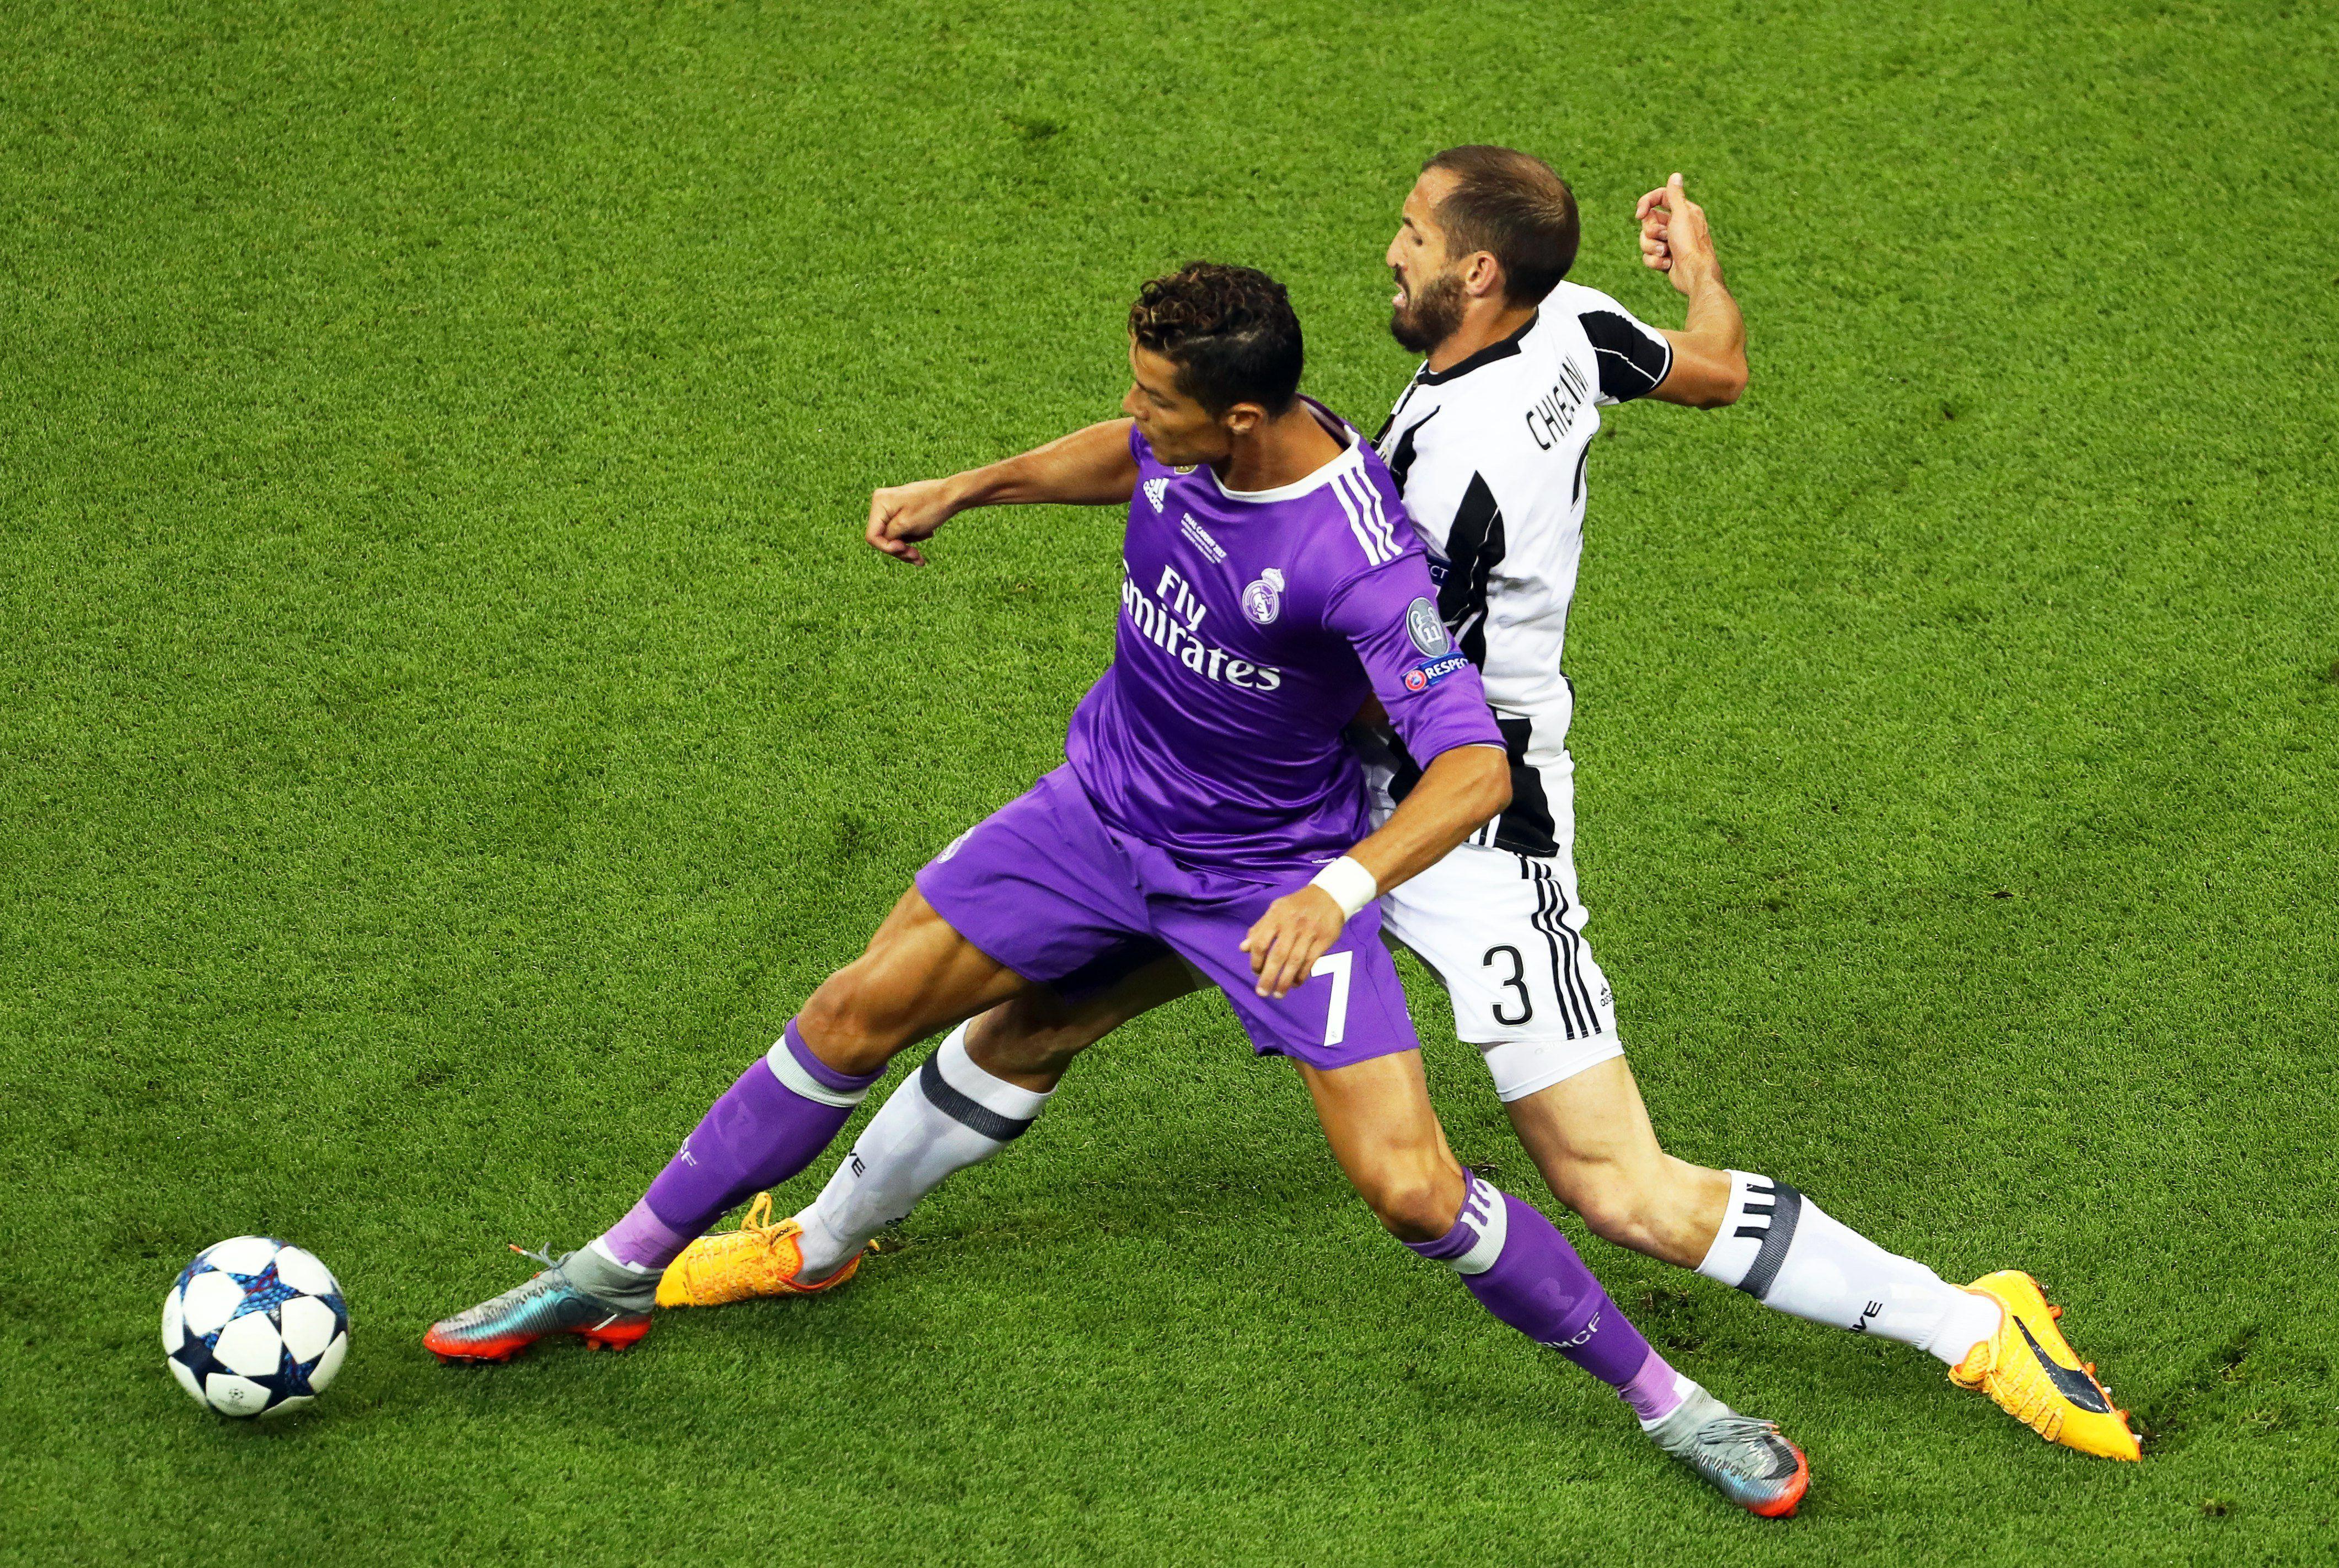 Final apretada en Cardiff entre Juventus y Real Madrid